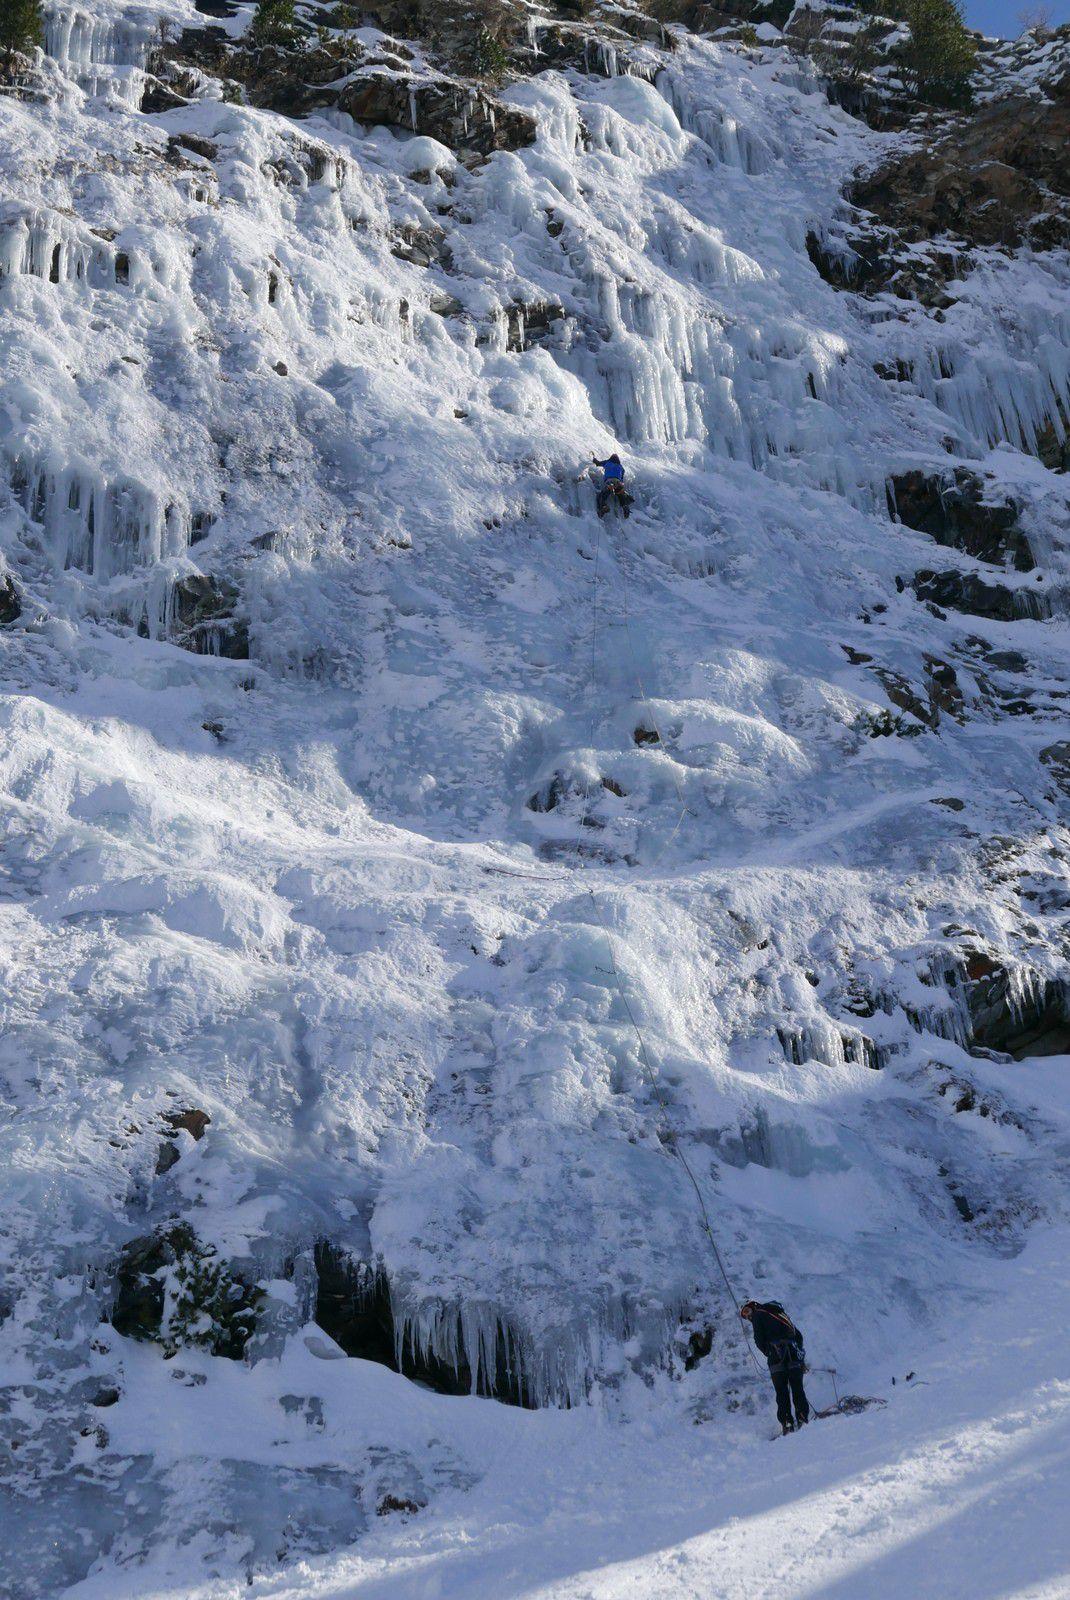 Tutto e relativo, un nom qui relative cette hiver si doux, l'absence de glace décrit par certain et plein d'autres choses de la vie.